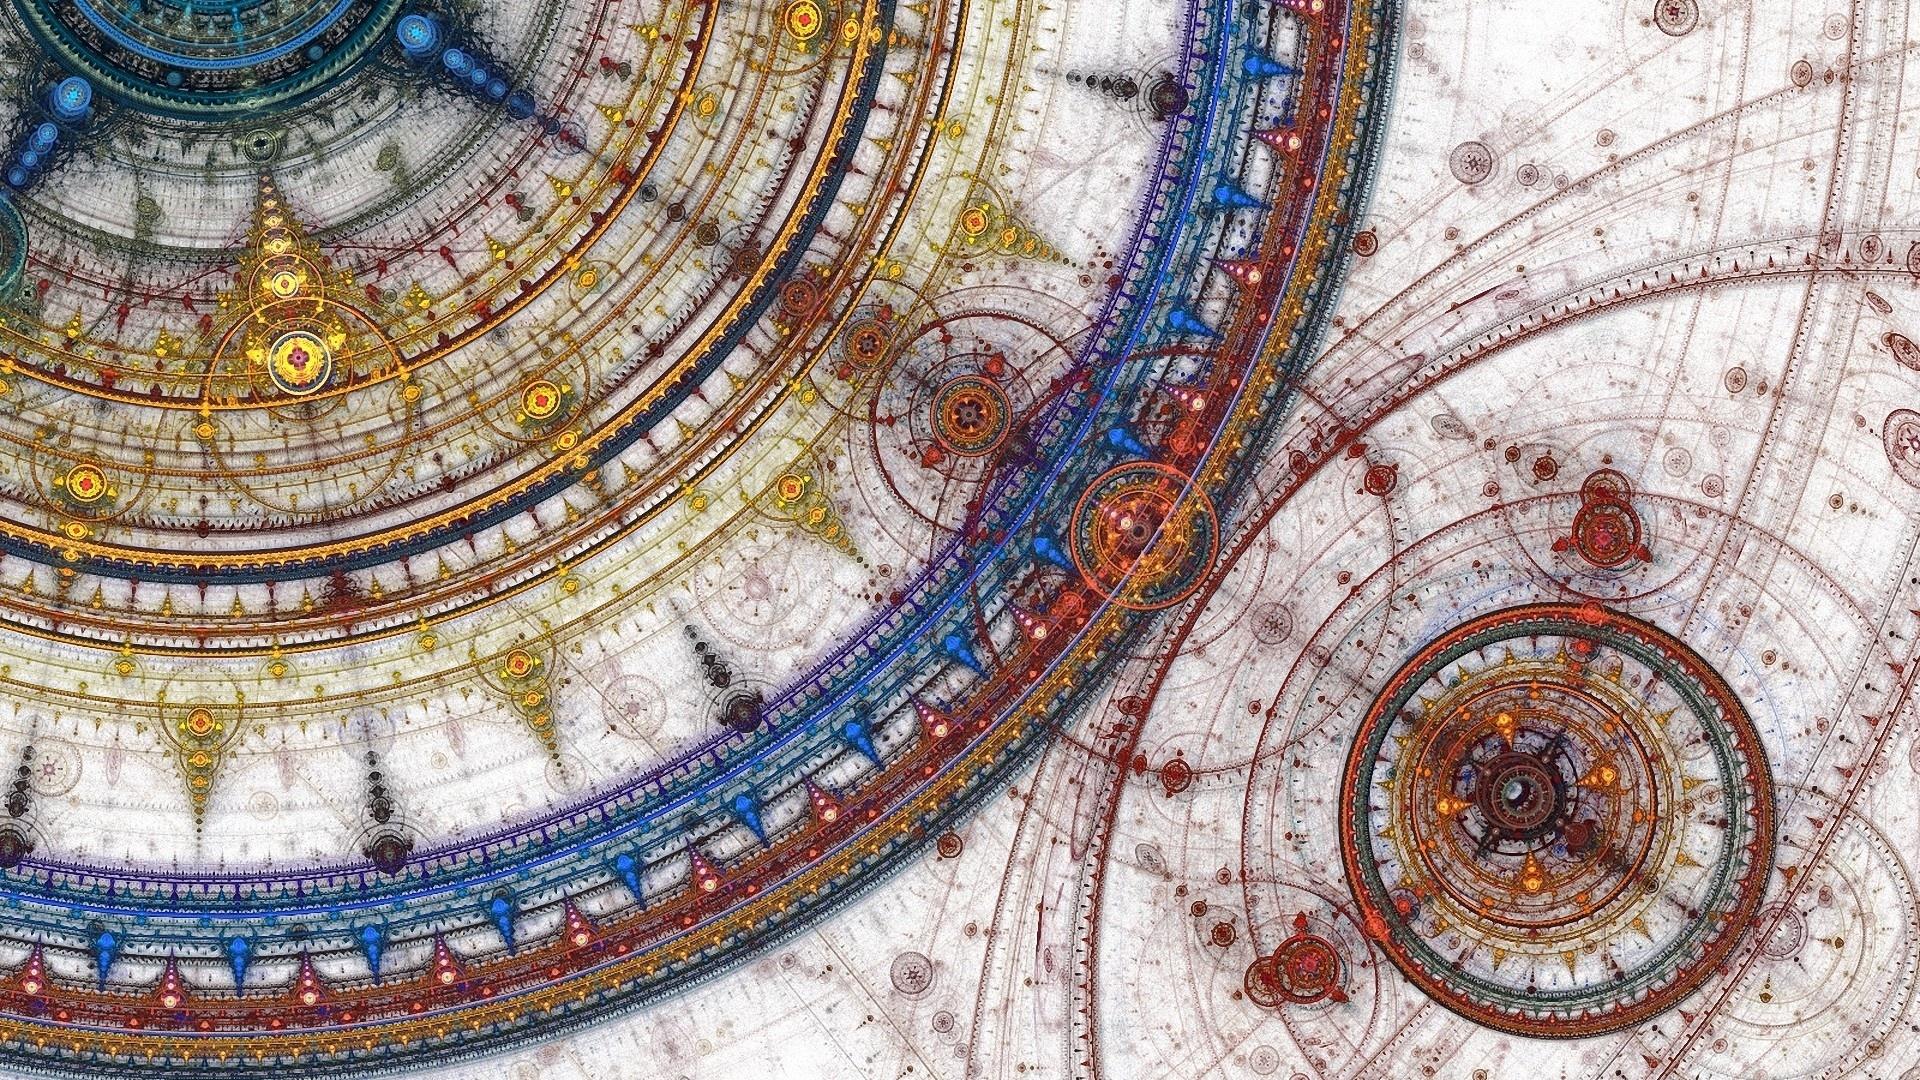 1920x1080 Abstracto Full Hd 1920x1080: Ilustraciones Abstractas Círculos, Arte Digital, Diseño